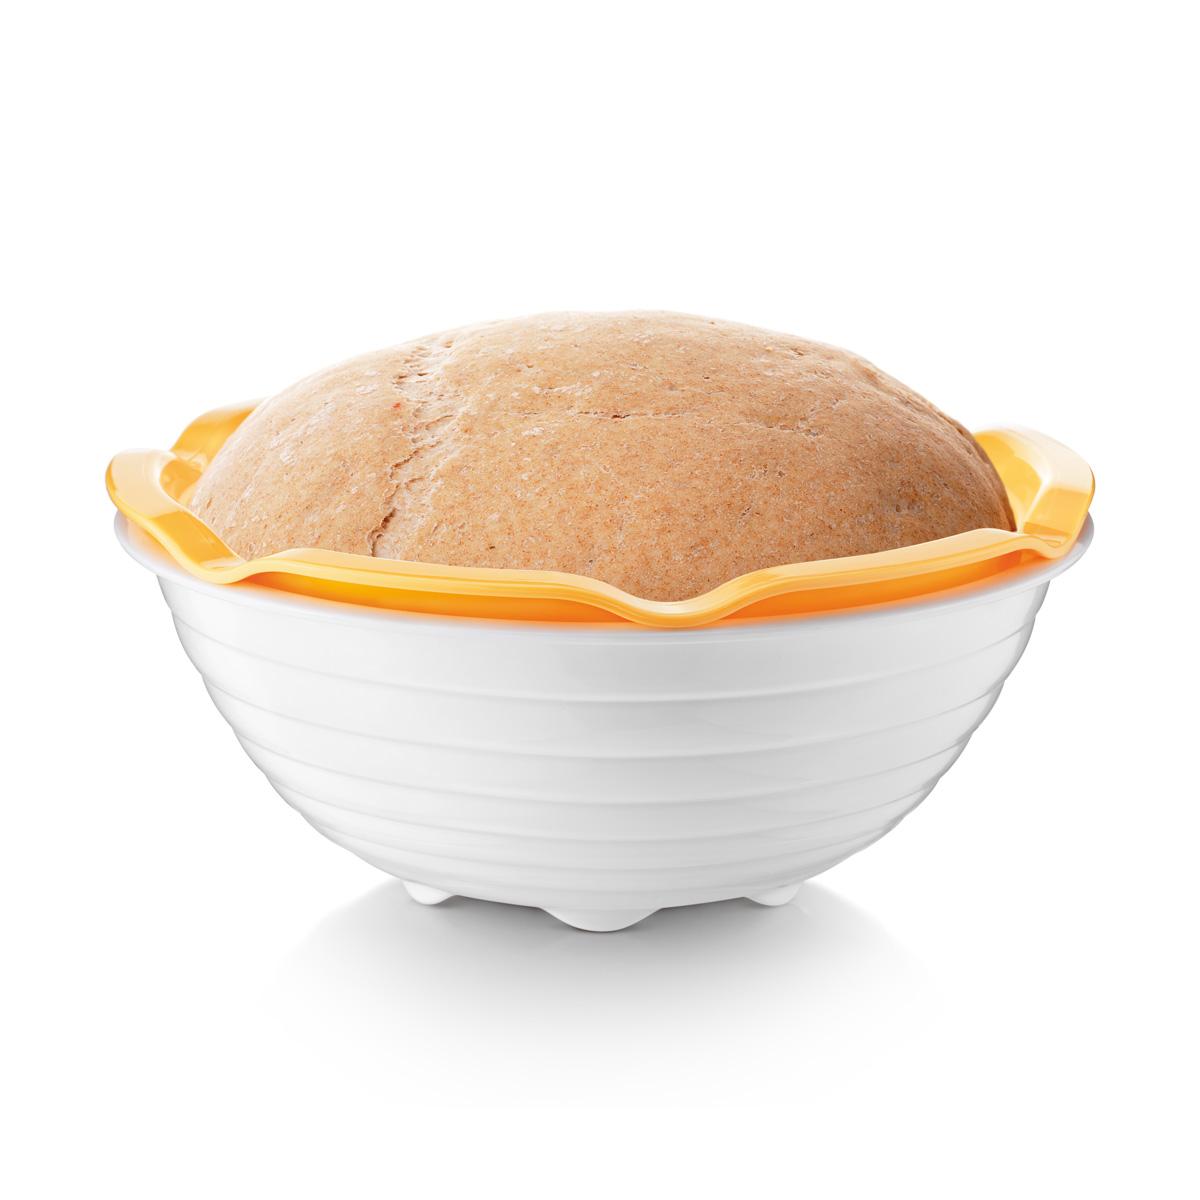 Ošatka s miskou na domácí chléb TESCOMA DELLA CASA